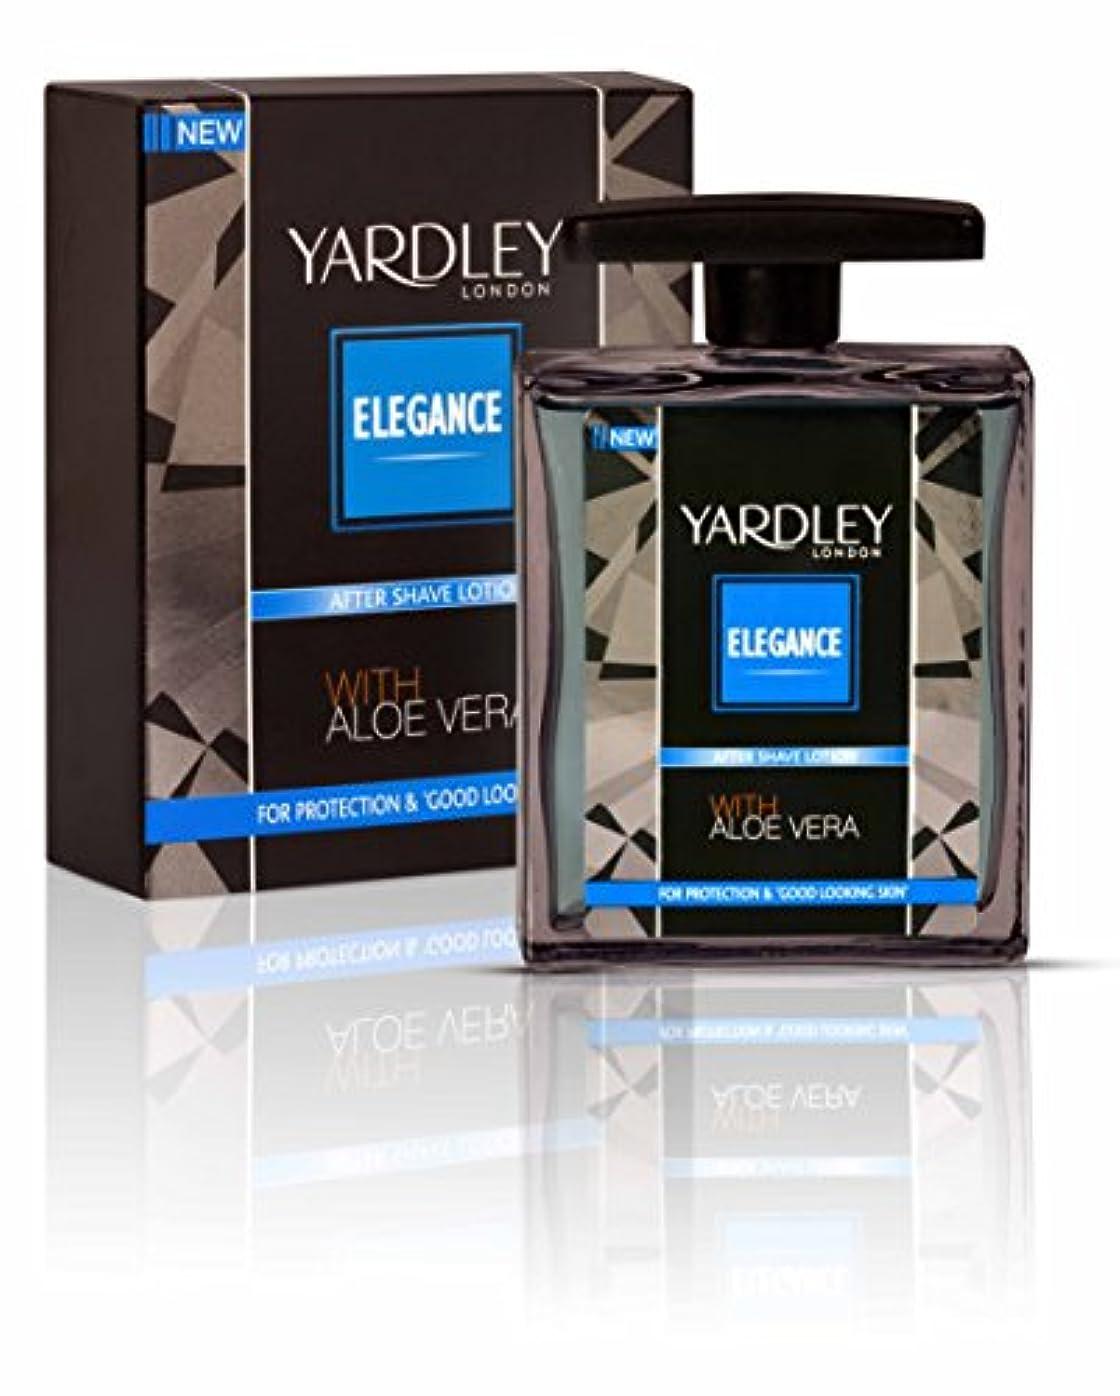 ホールド蓄積する口Yardley London After Shave Lotion Elegance 100ml by Yardley